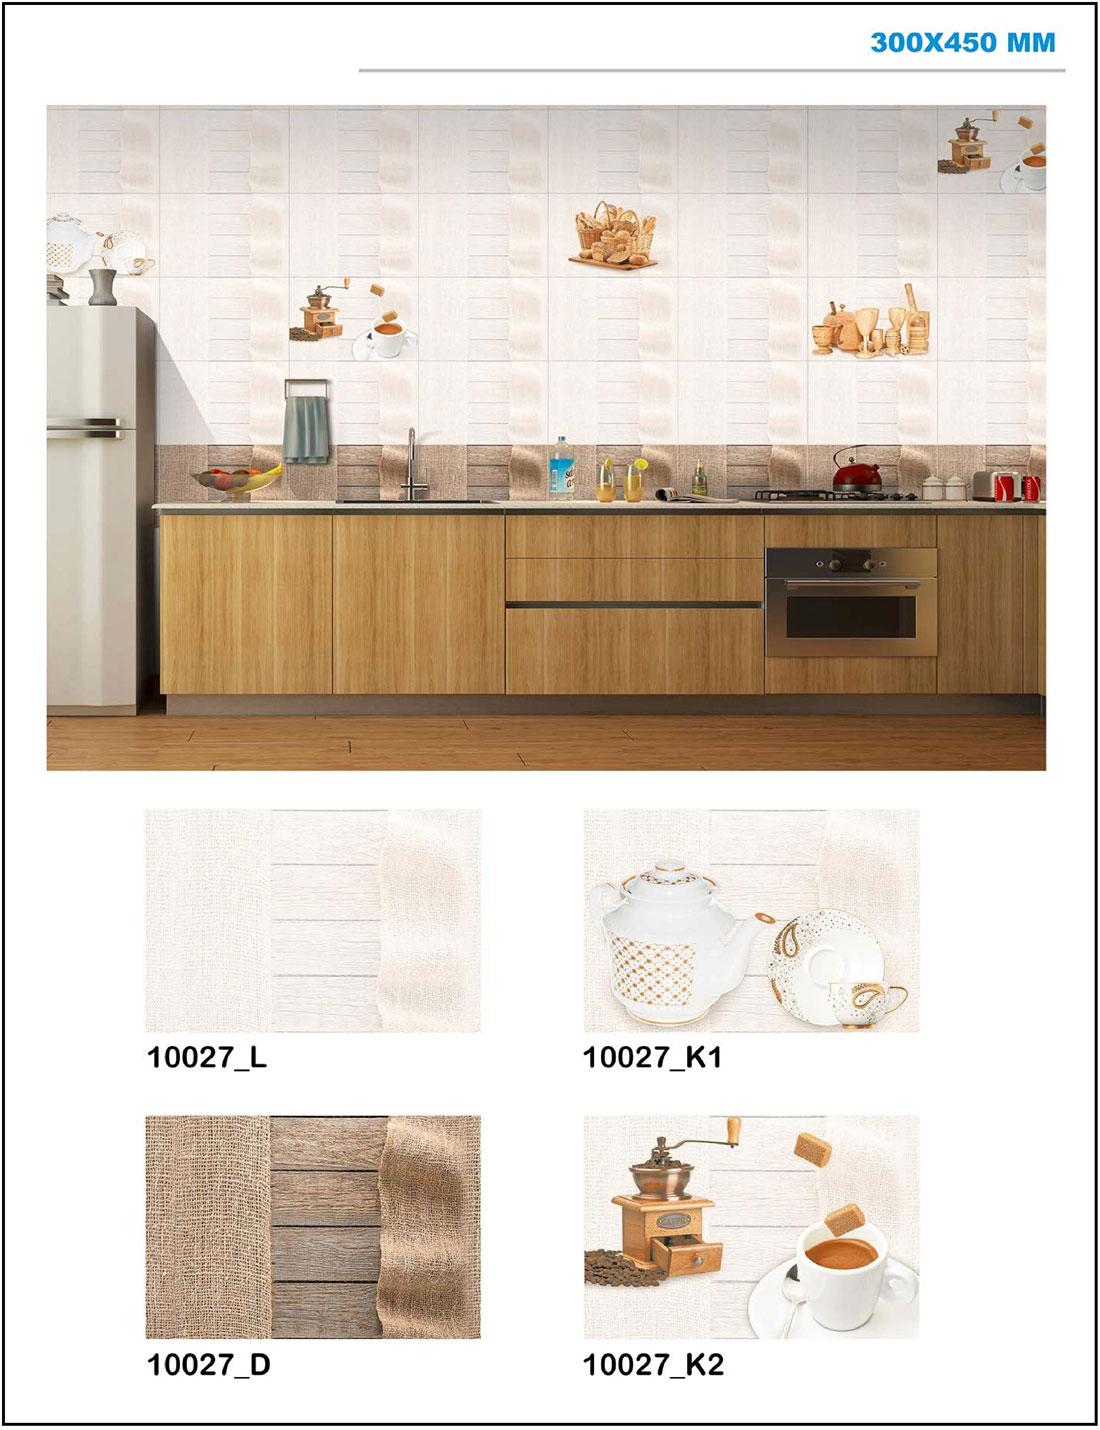 Kitchen Tiles for Floors